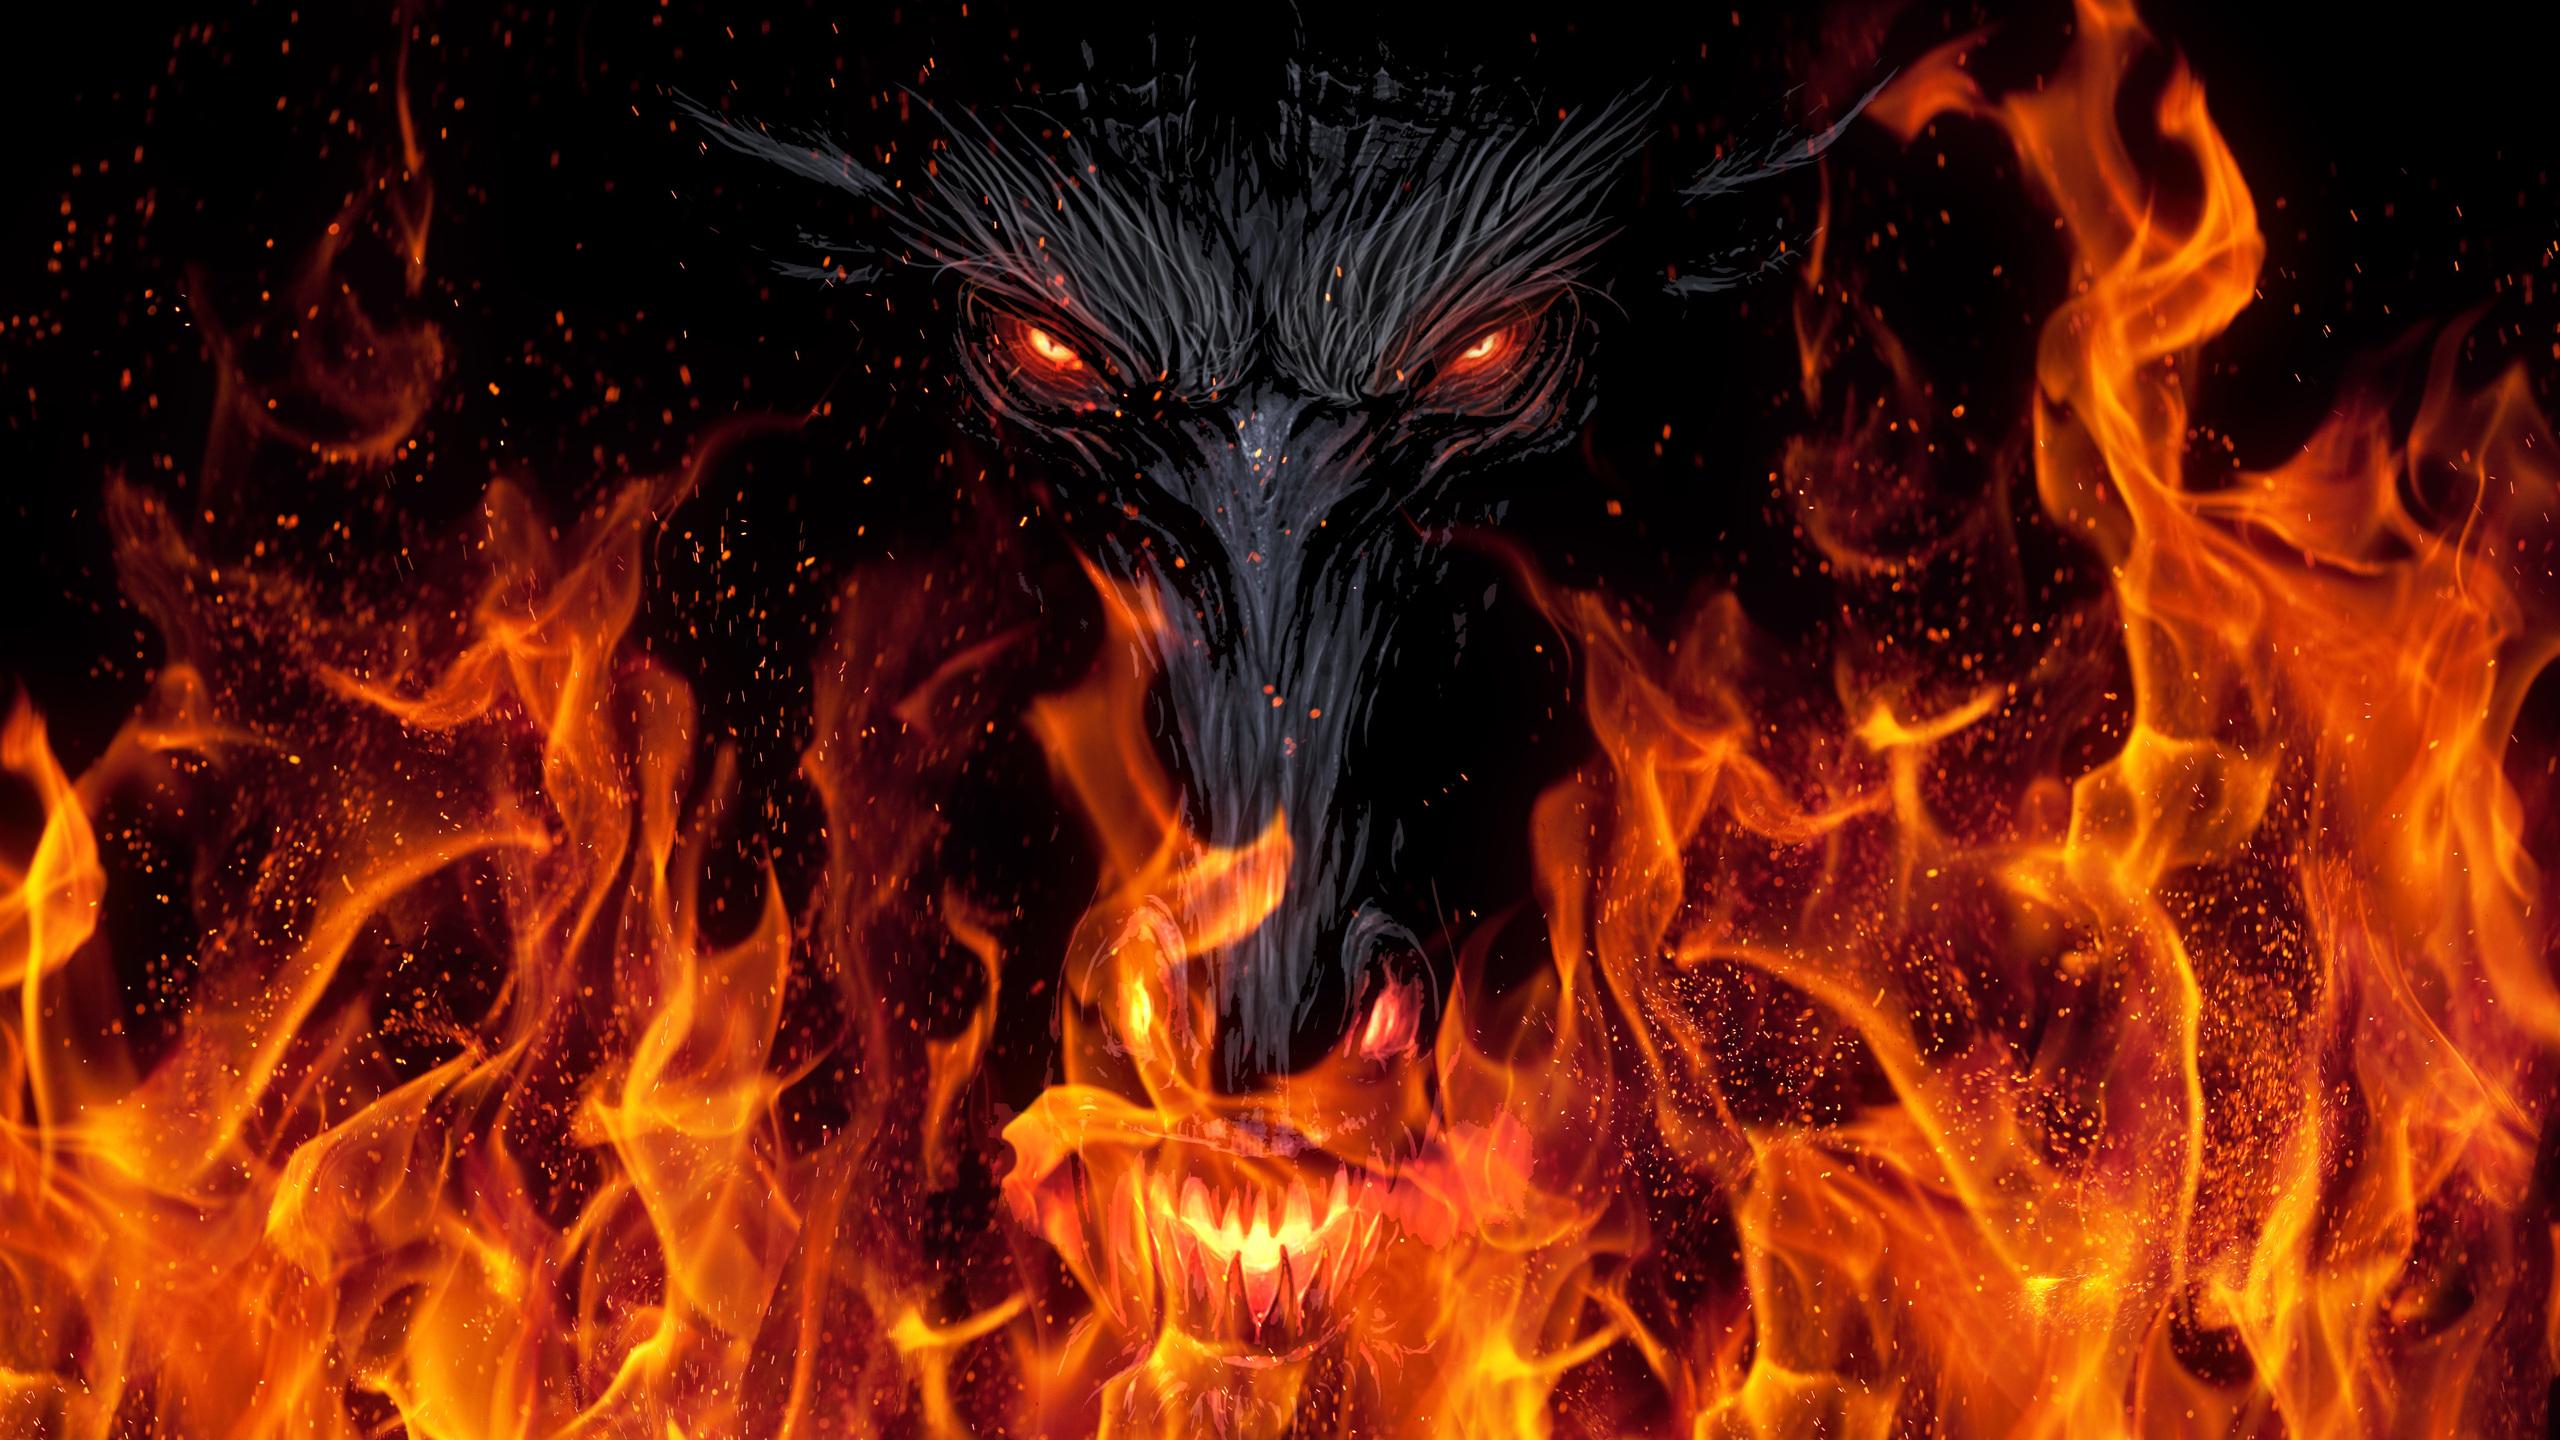 2560x1440 dragon demon devil 5k 1440p resolution hd 4k - Demon wallpaper 4k ...